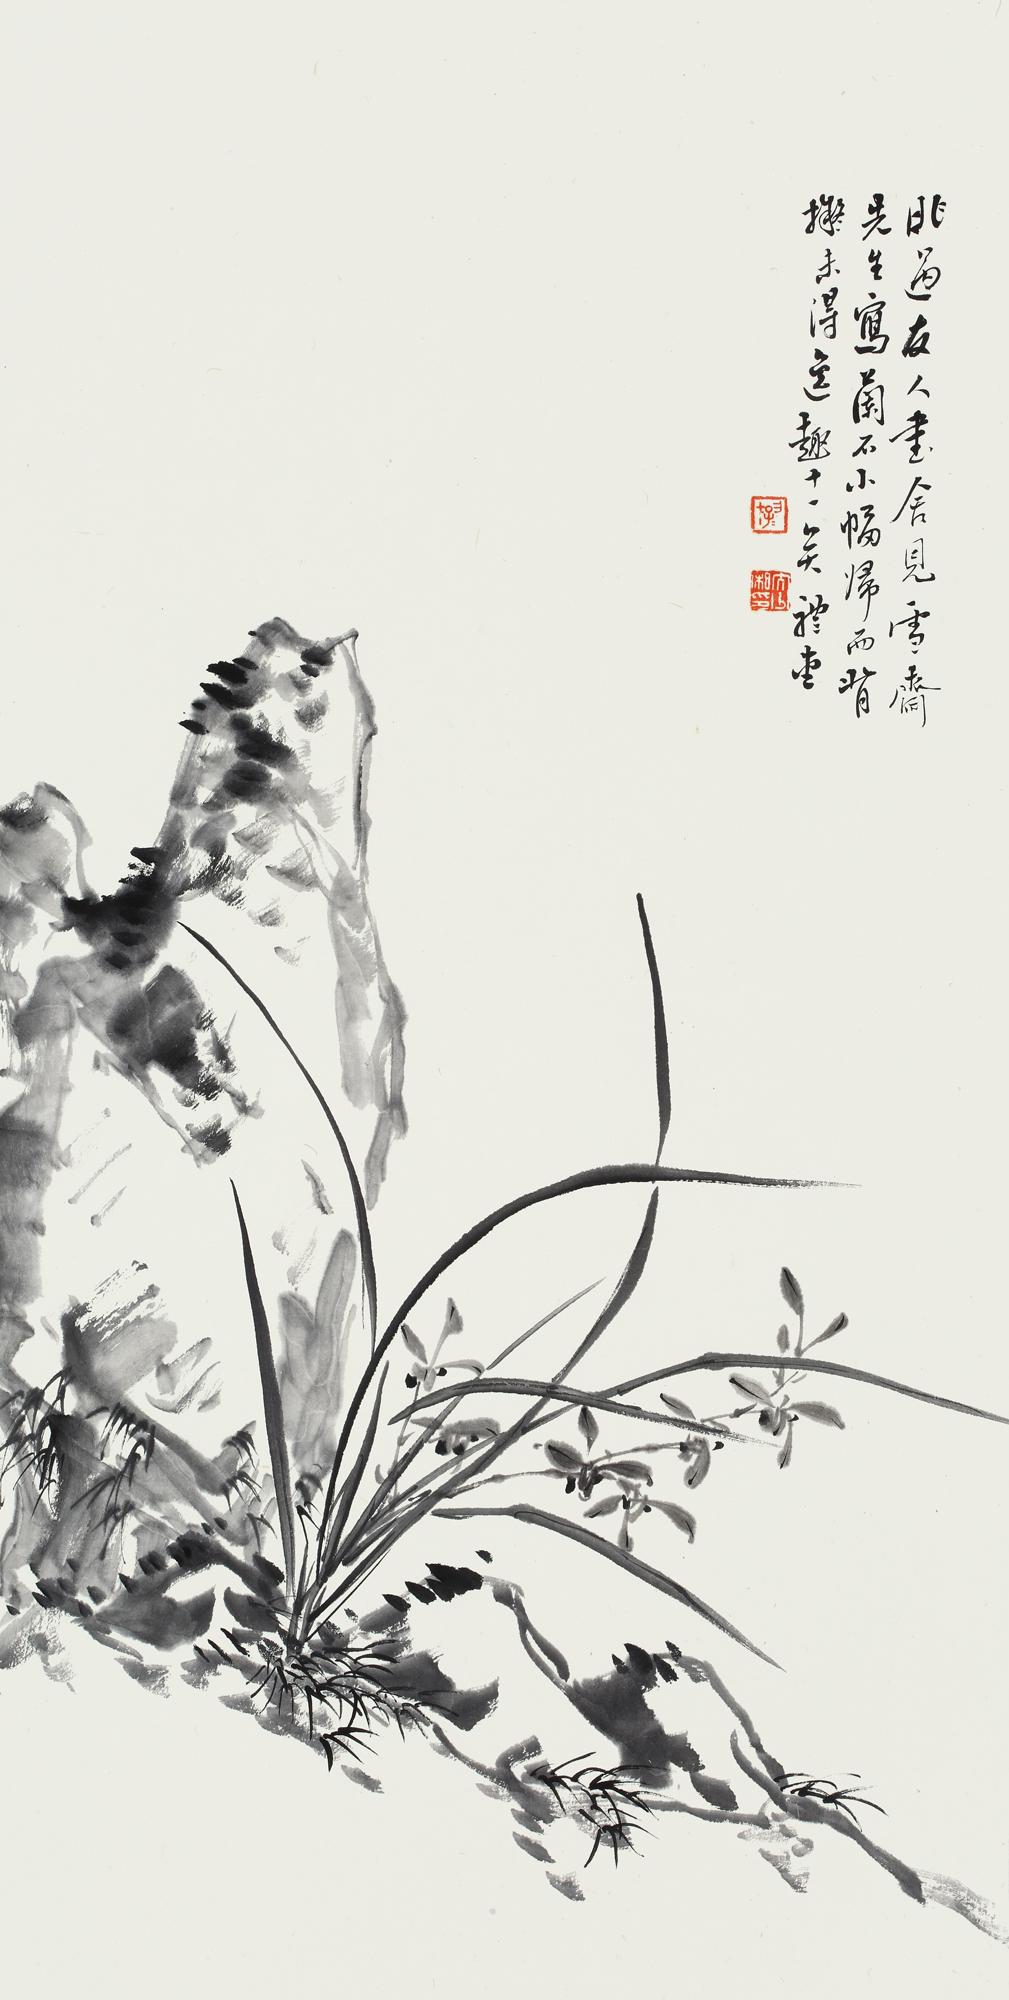 12、四君子条屏之兰 69cm×34cm.jpg